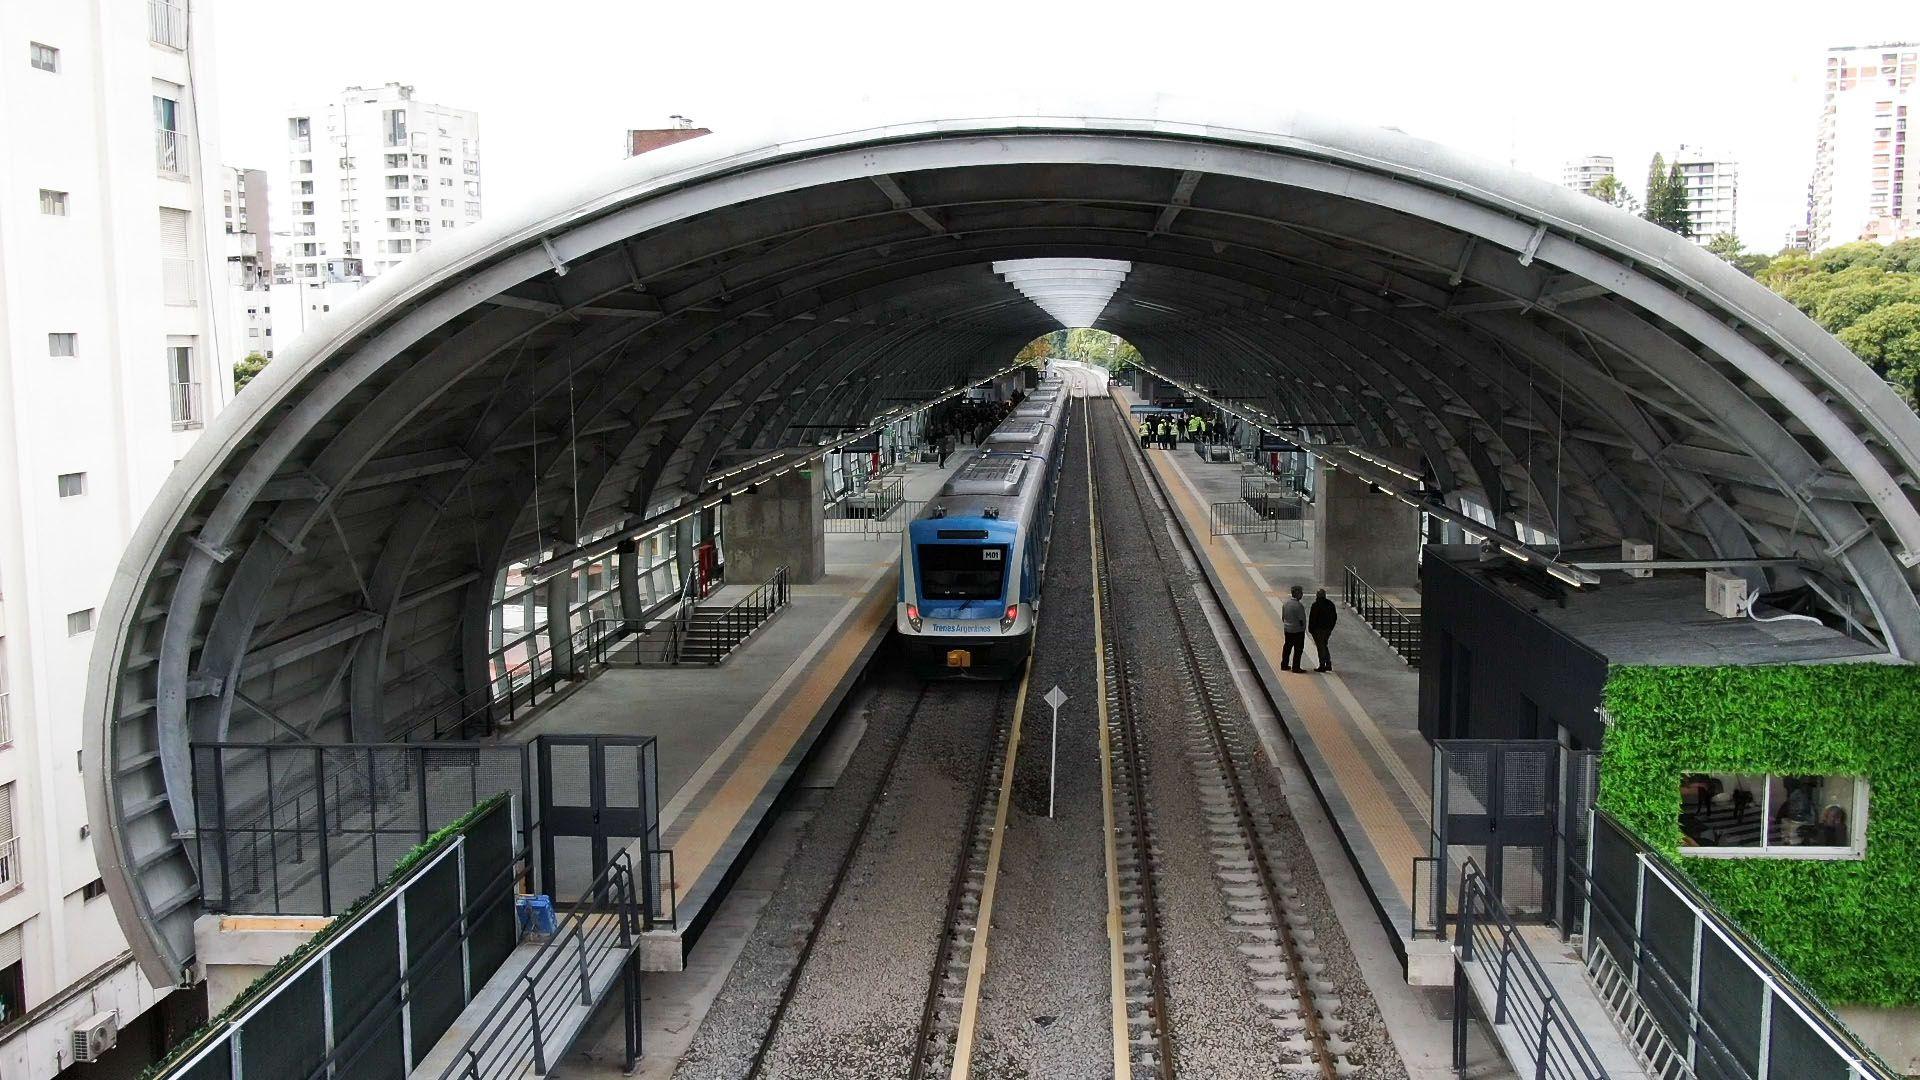 El Vicejefe de Gobierno, Diego Santilli, dijo que por la quita de coparticipación no habrá más obras para elevar las vías de los trenes; como se hizo con el viaducto Mitre (Thomas Khazki)